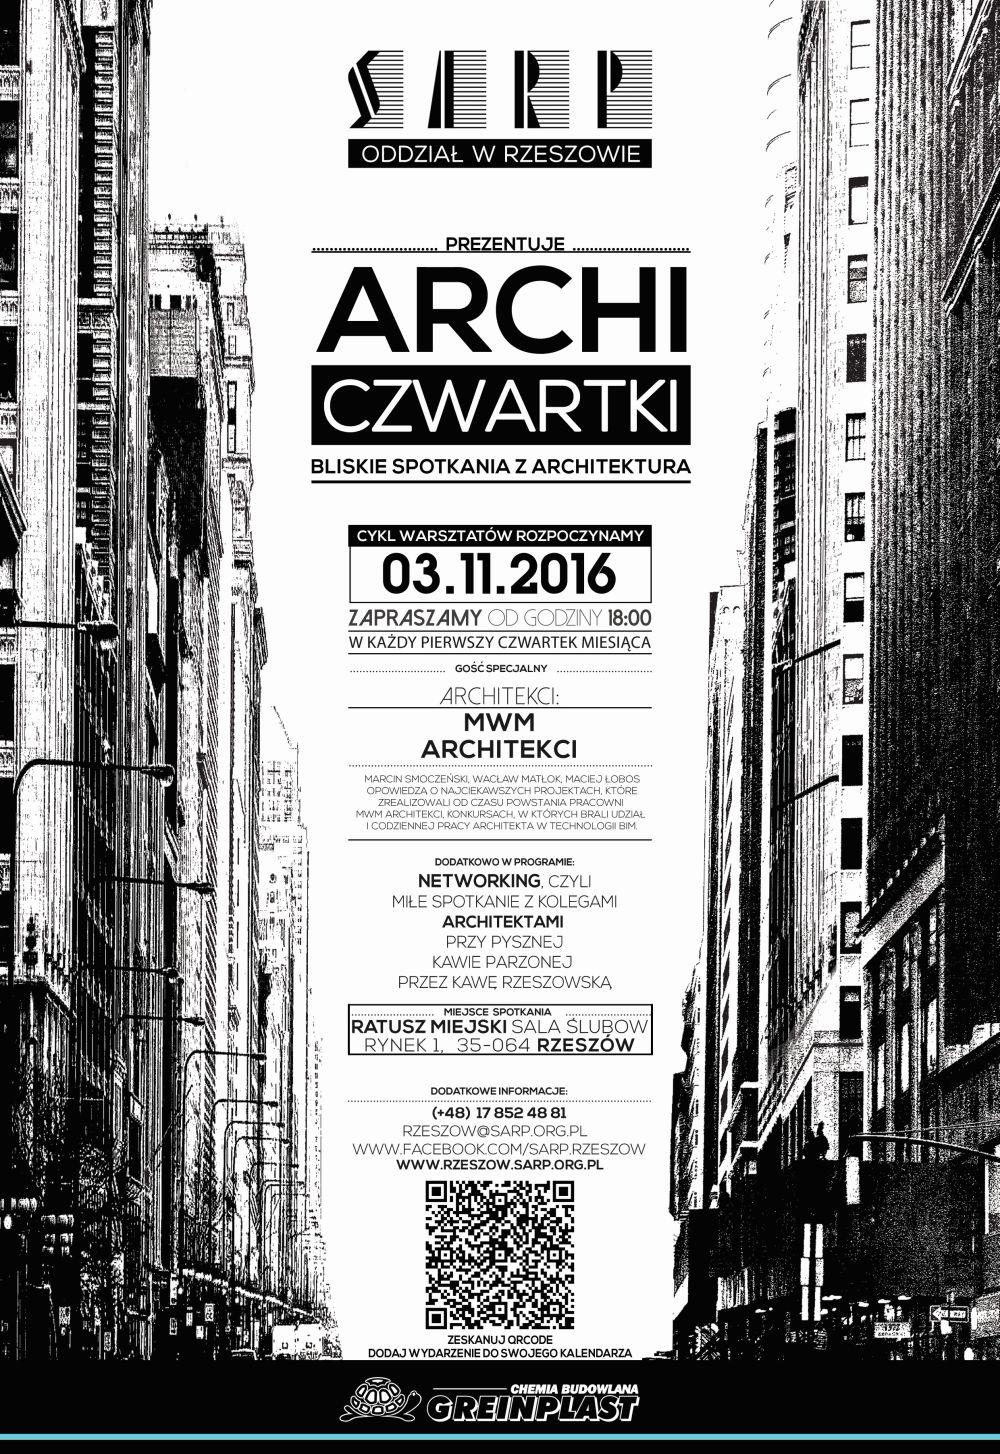 archi-czwartki-plakat-cz-3-11-2016-kopia-m